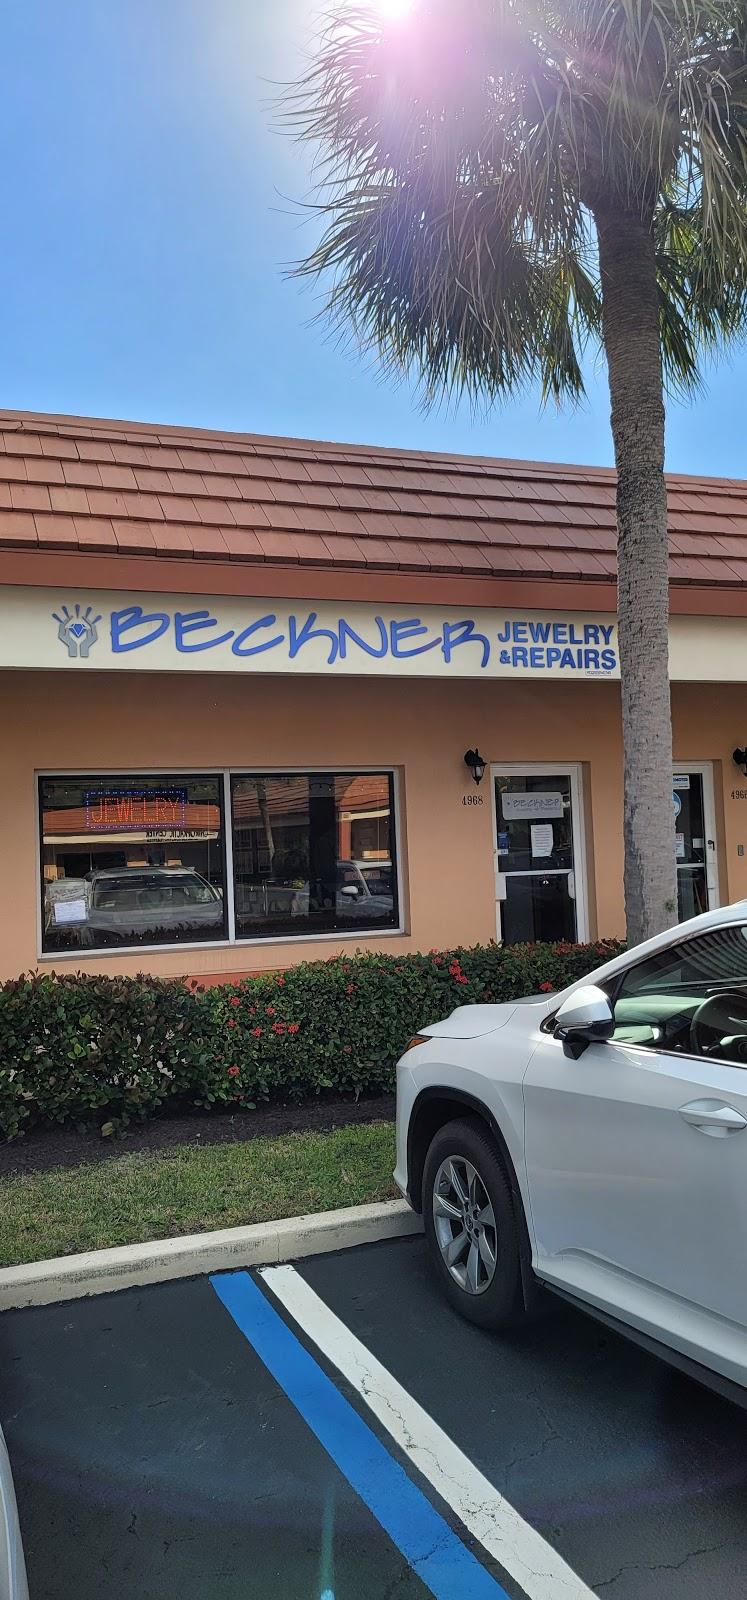 Beckner Jewelry & Repair